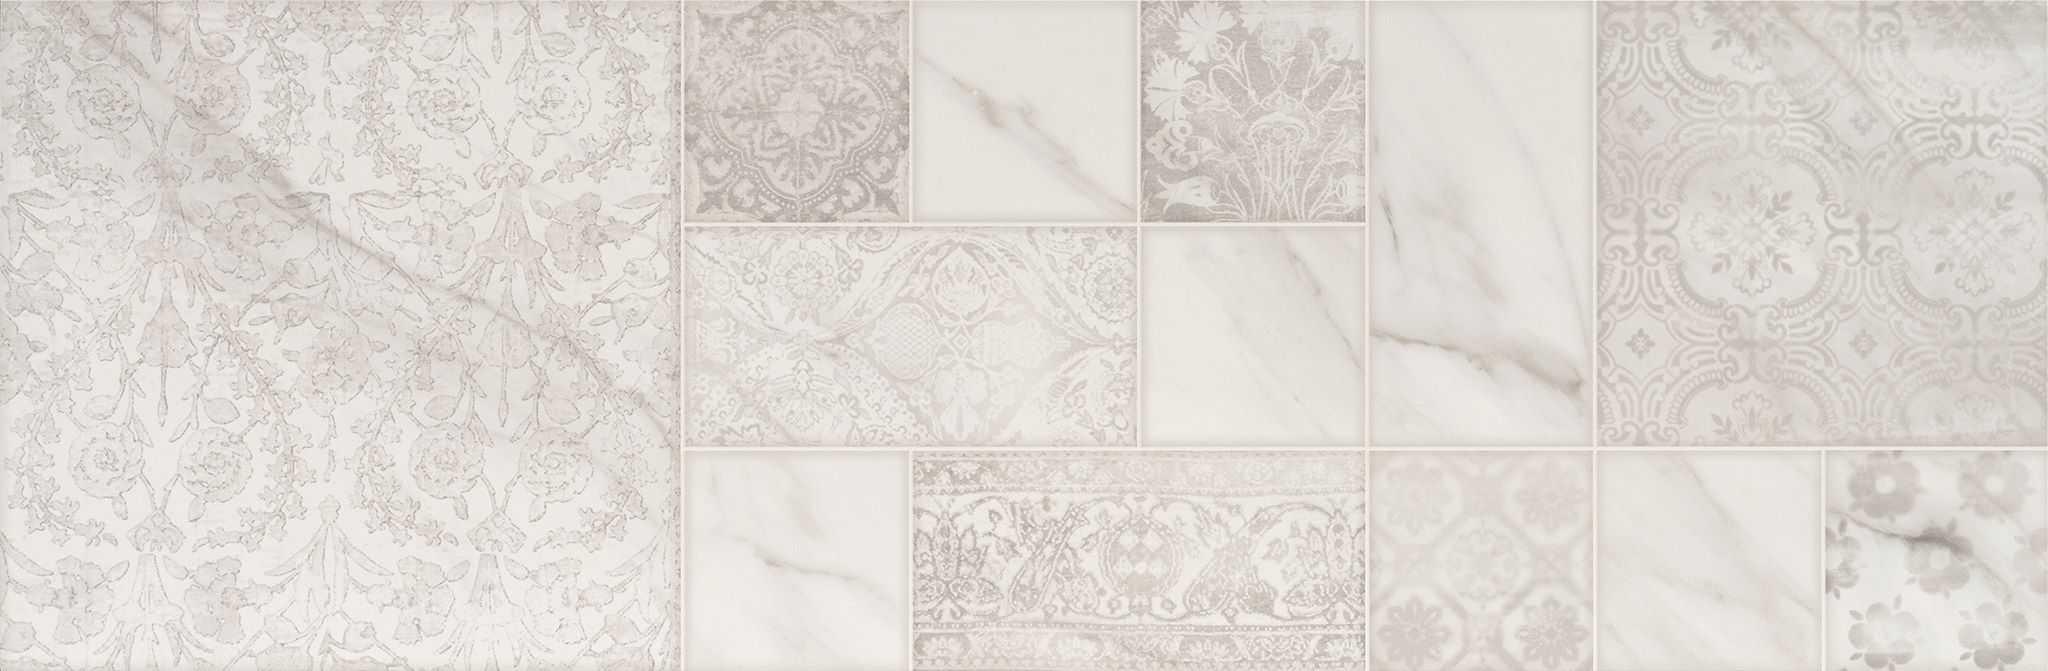 Faianță pentru baie Saloni Agora Naxos Blanco 300x900 lucioasă alb / 4